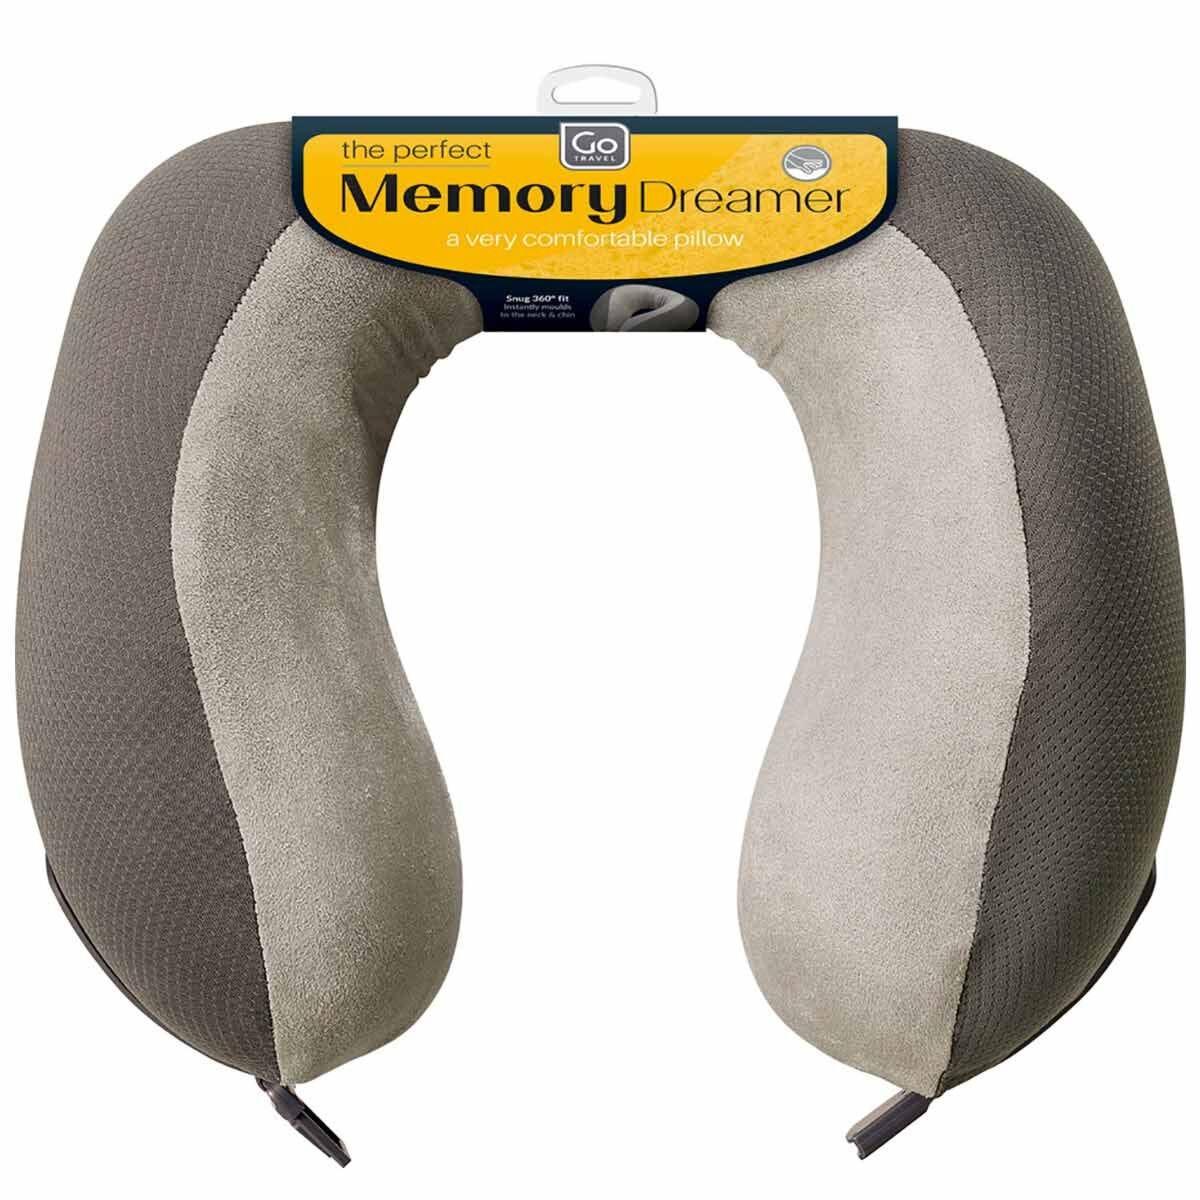 Go Travel Memory Foam Dreamer Neck Pillow